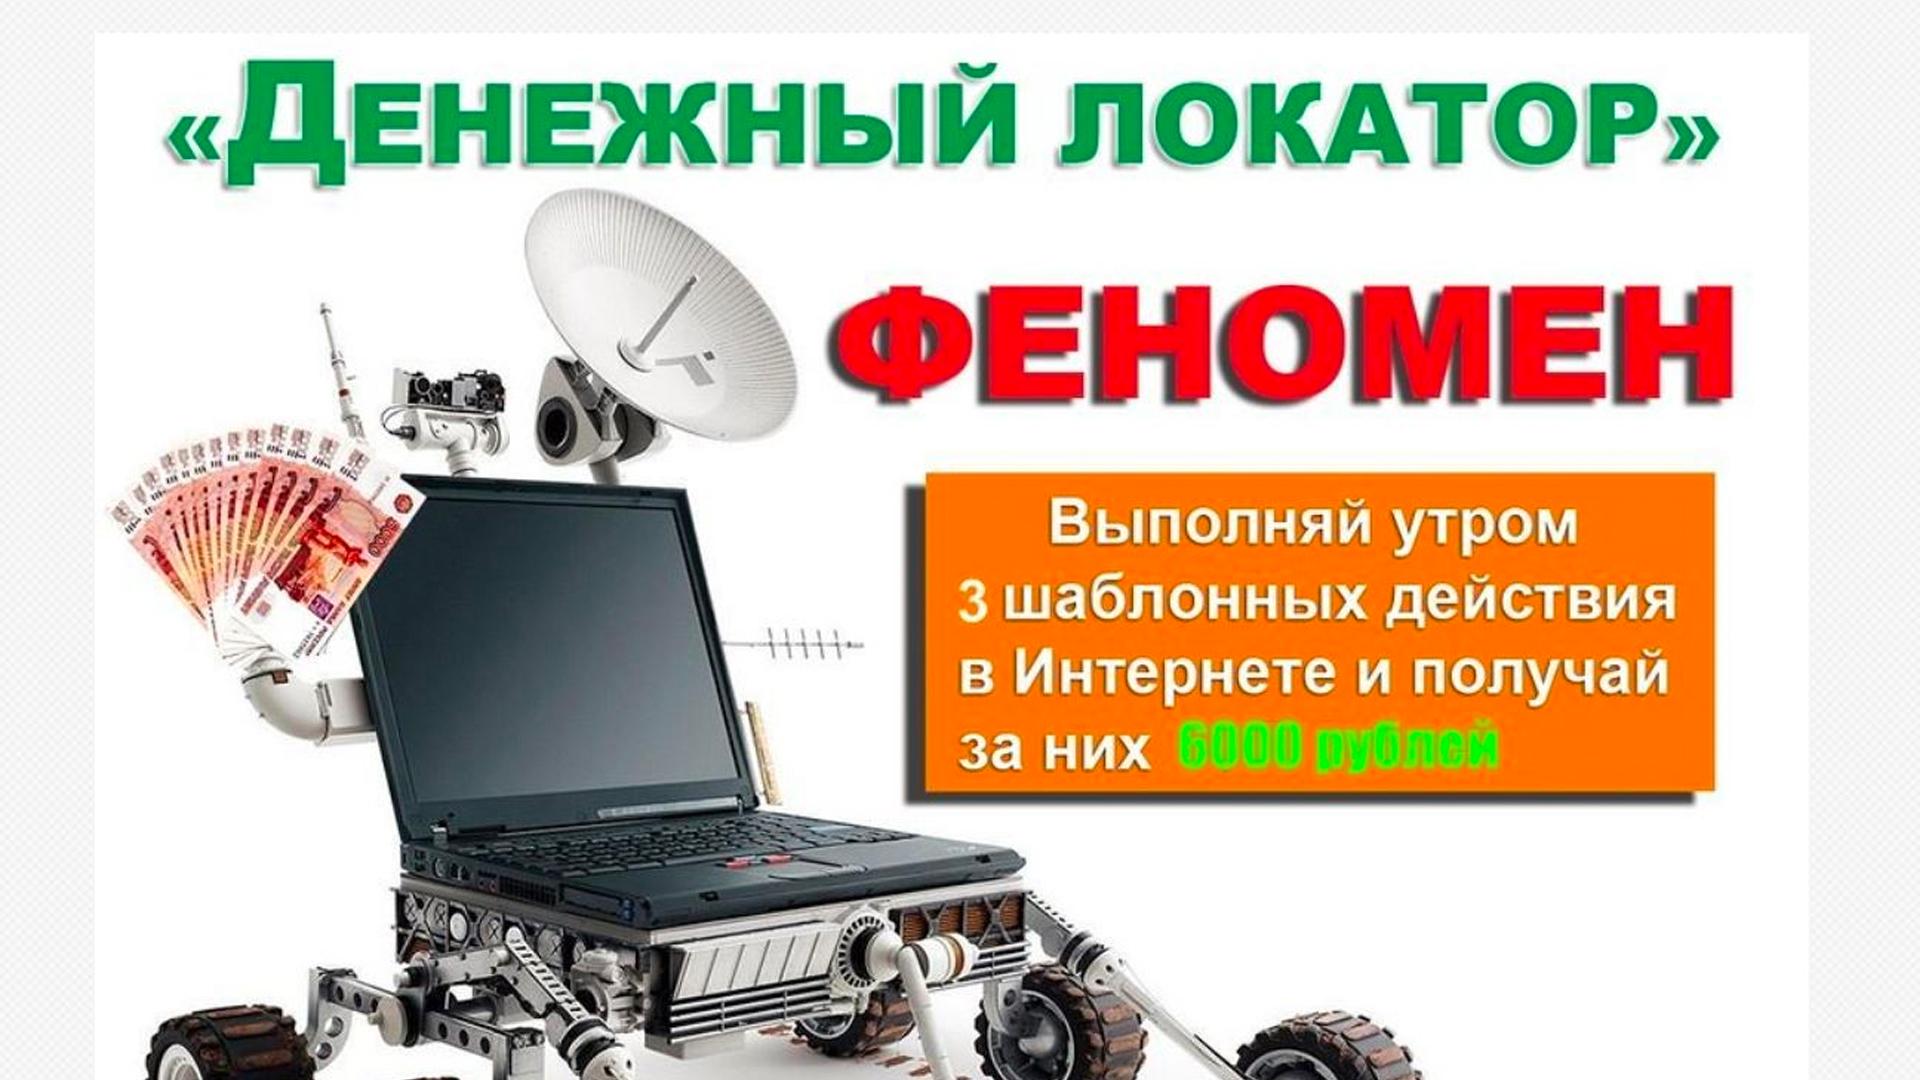 Шахрайський сайт, що пропонує заробіток на «шаблонних діях»